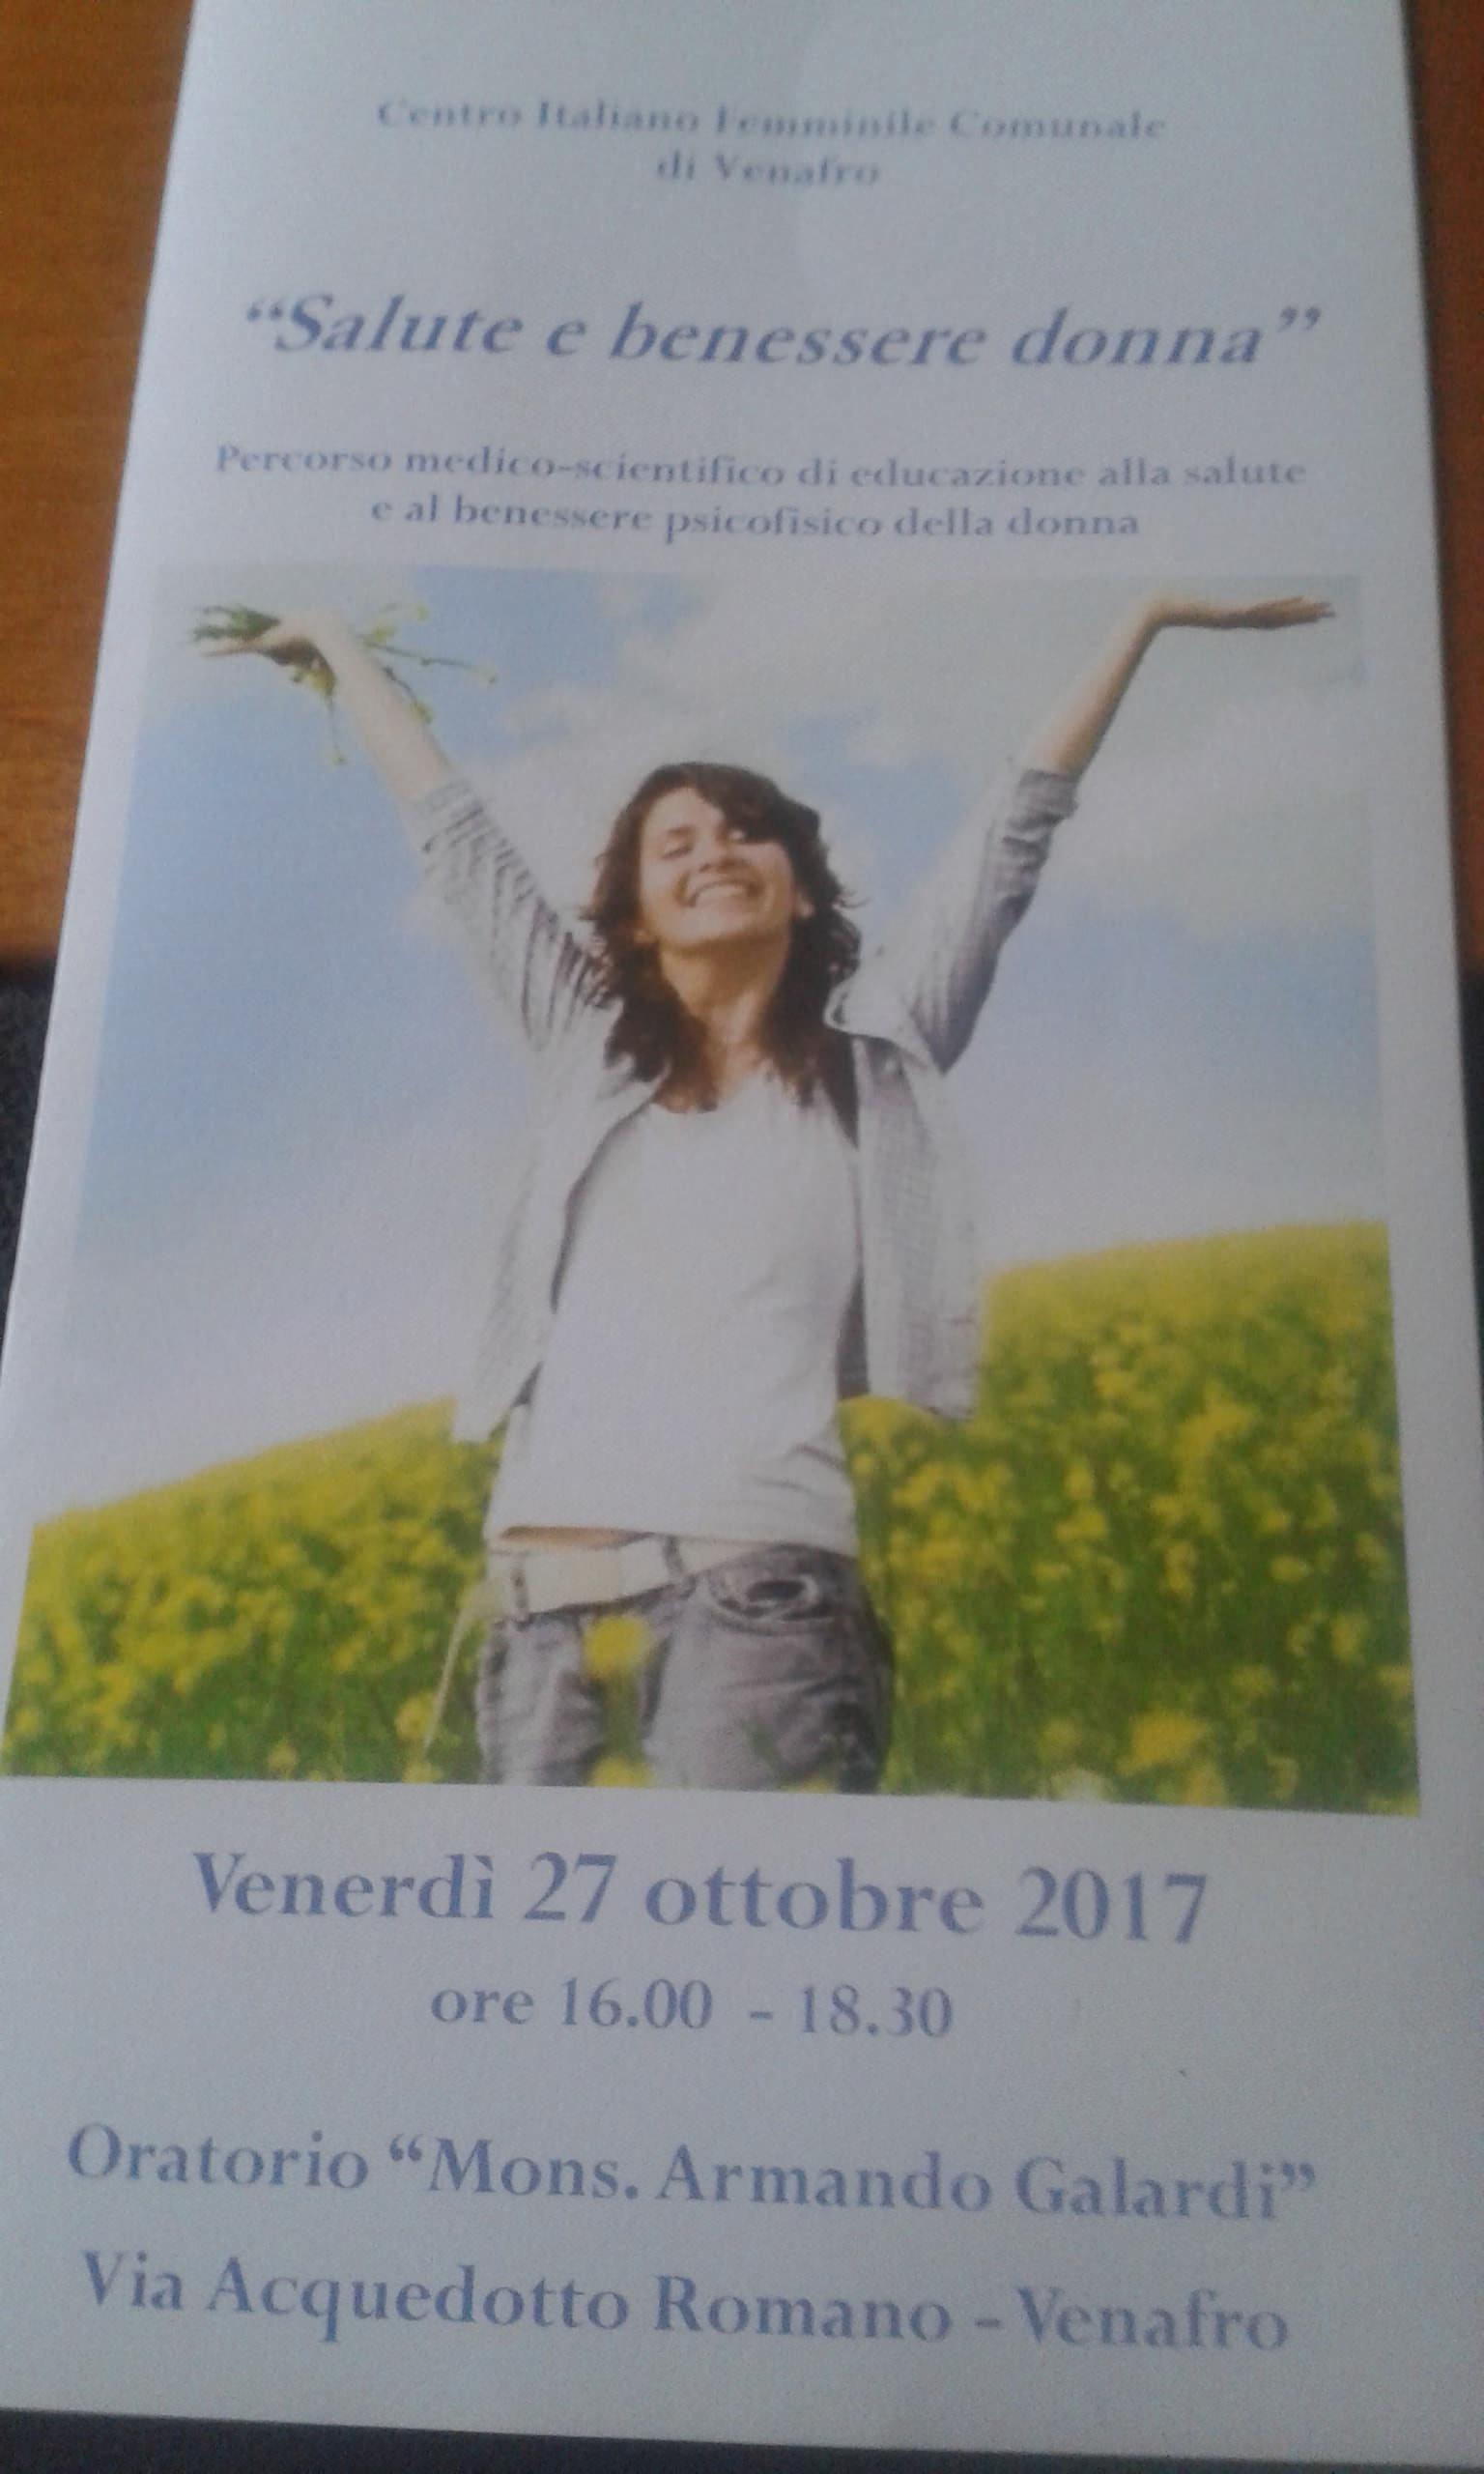 Alba Galardi Presidente Del Cif Venafro Sul Convegno Salute E Benessere Donna Molise Protagonista